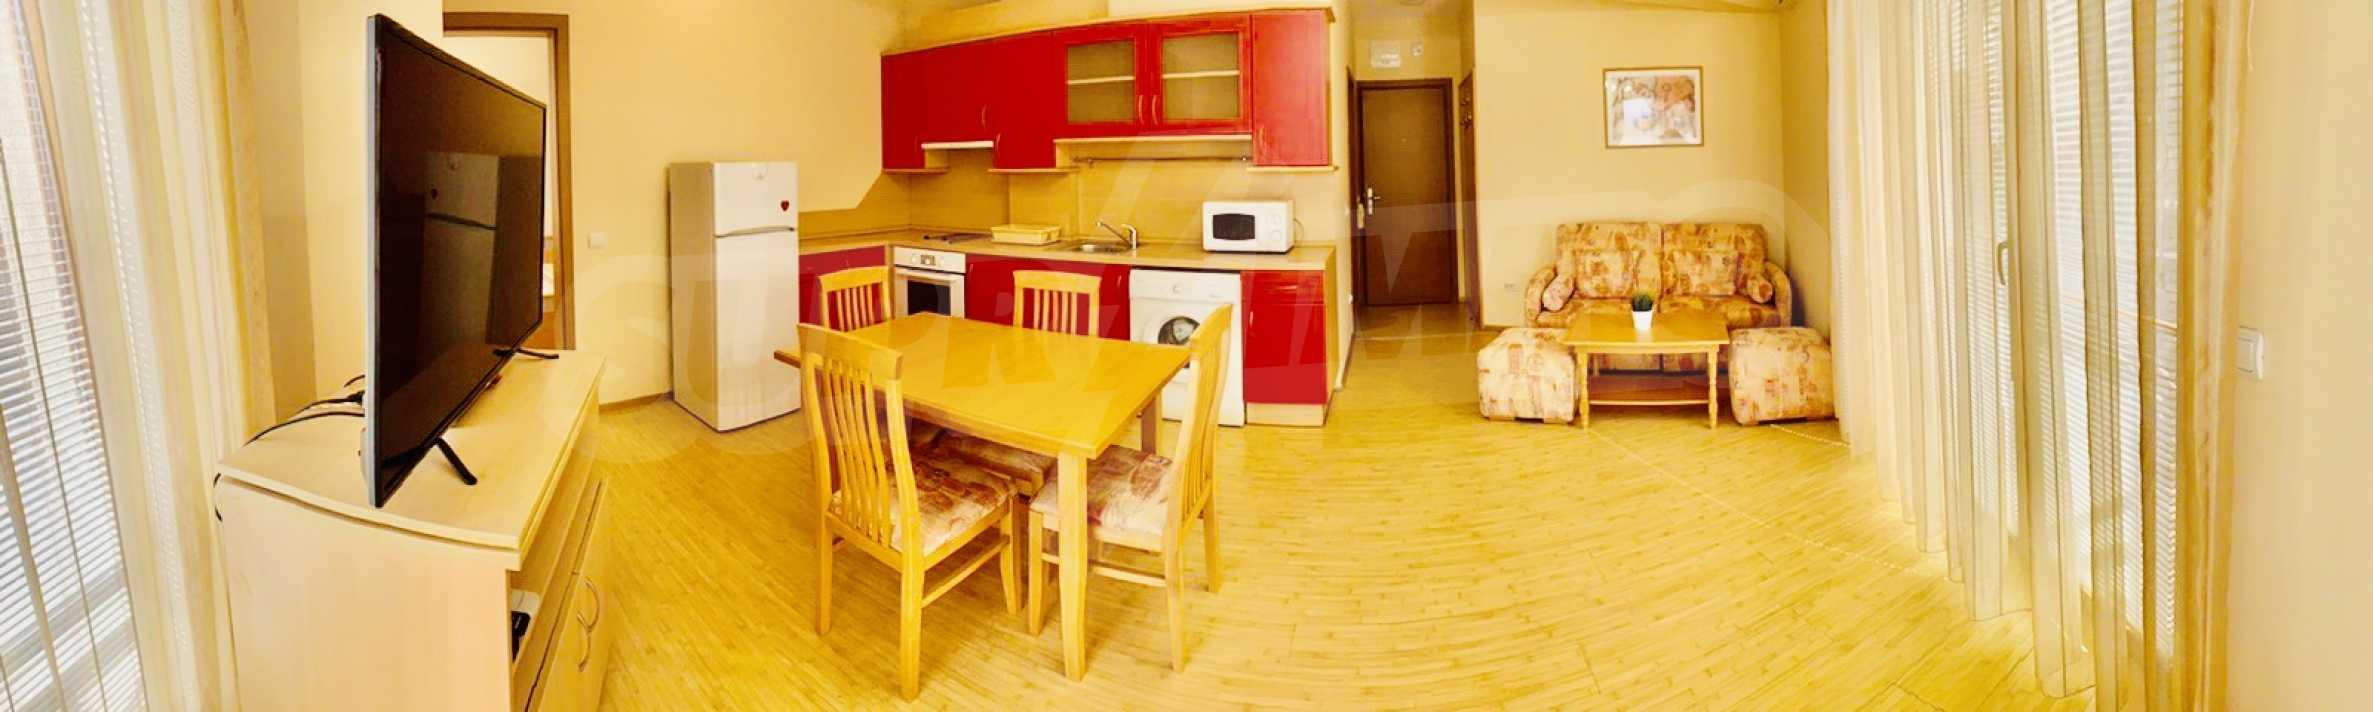 Apartment for rent in Veliko Tarnovo  2